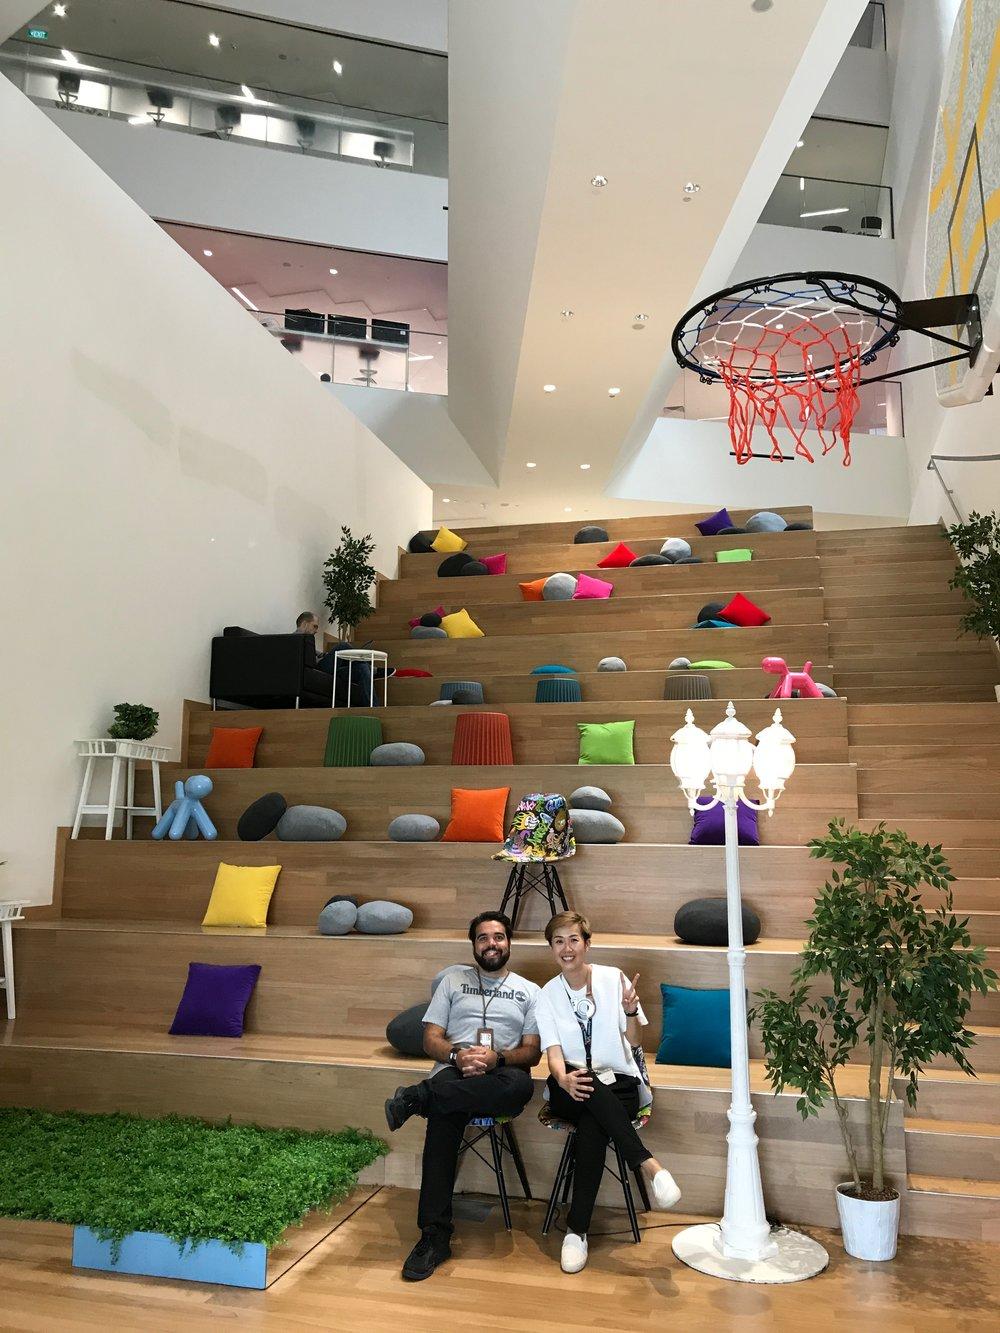 Diogo Martins (Program Manager) & Karen Chu (Brand Marketing Manager), Bloomr.SG